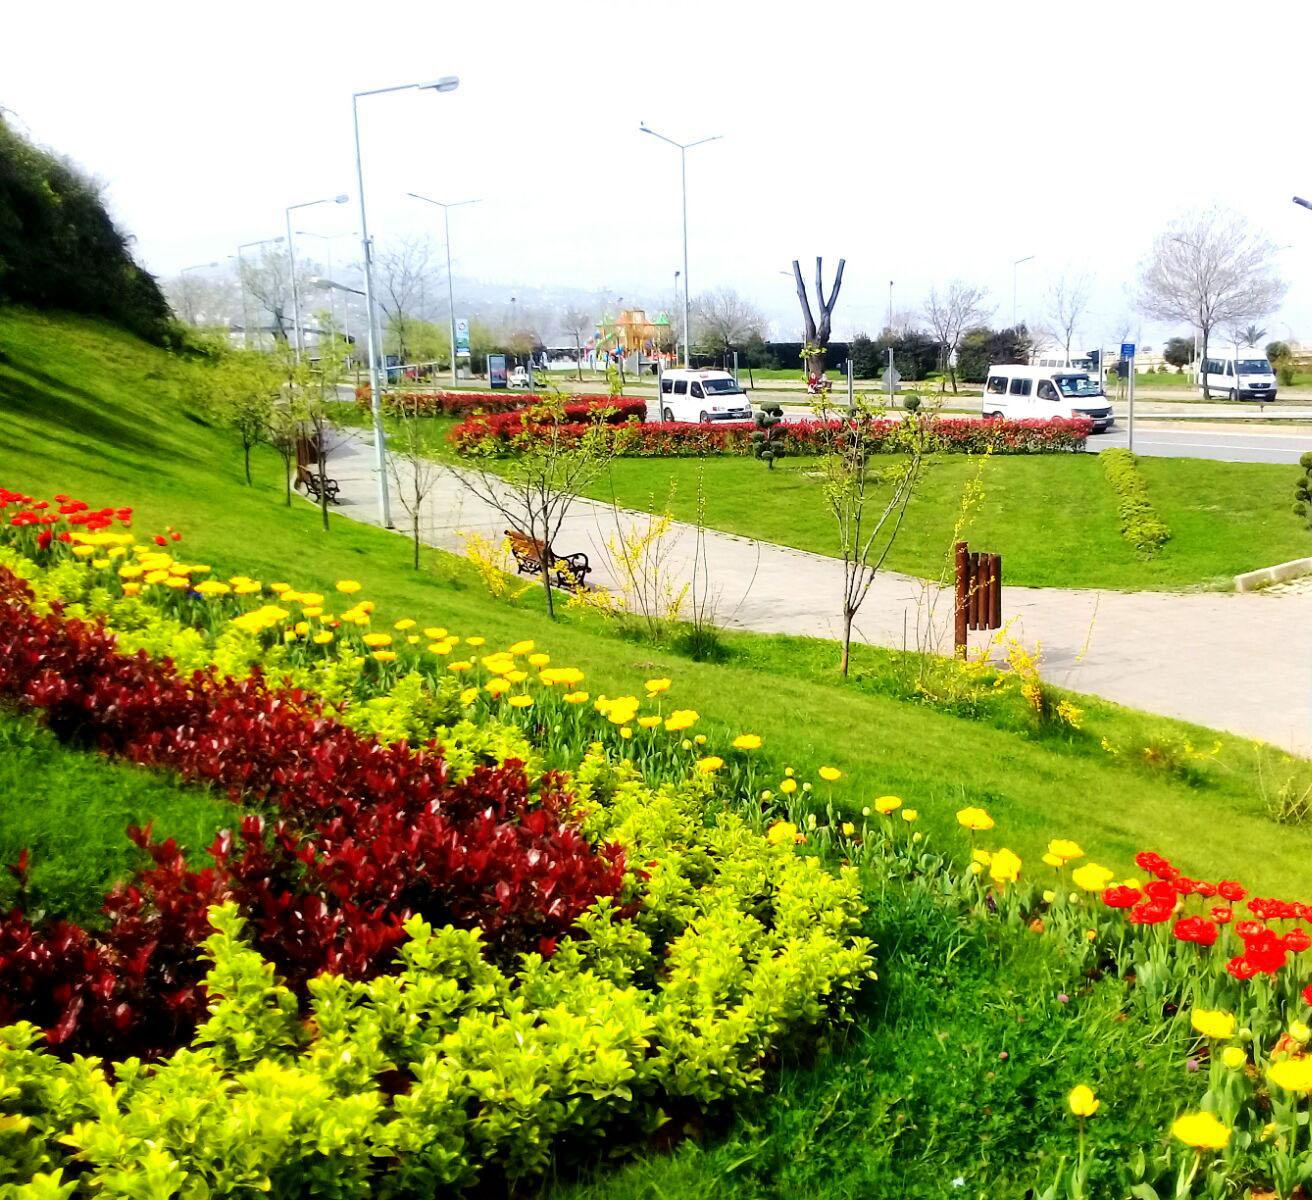 Trabzon çiçek bahçesi oldu